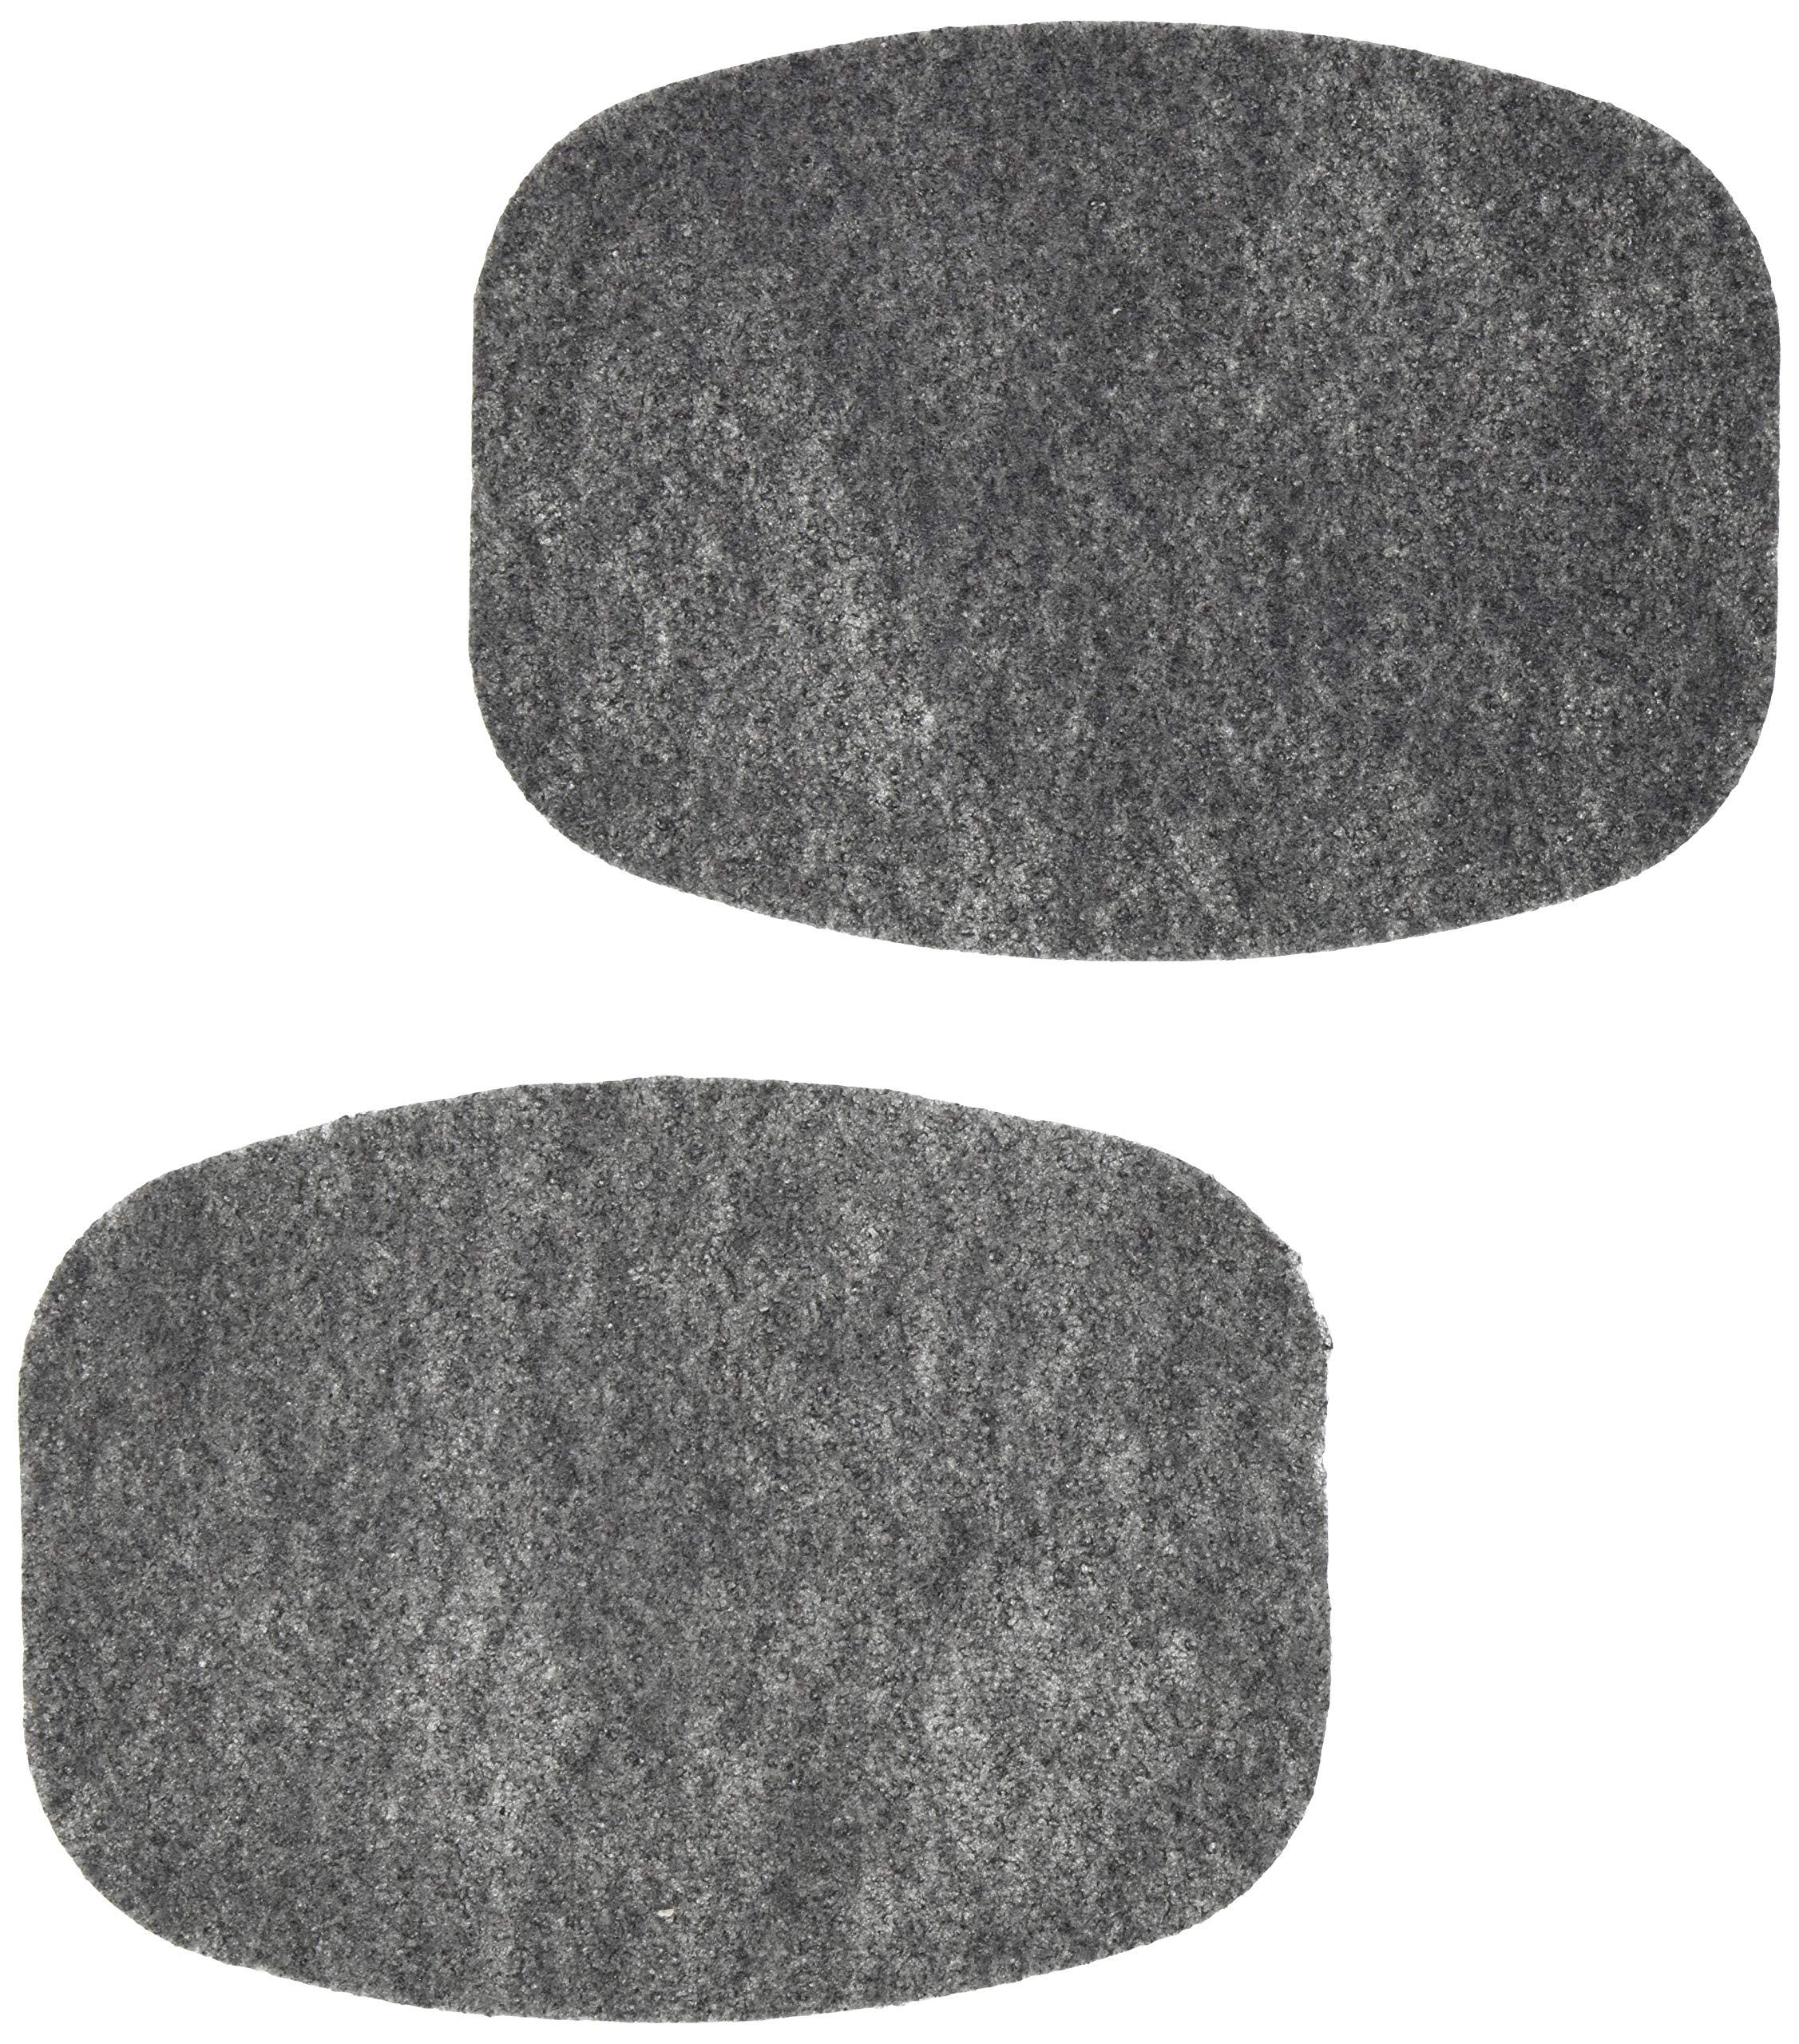 Nilfisk 27-NL-01 - Filtro para aspiradoras: Amazon.es: Hogar